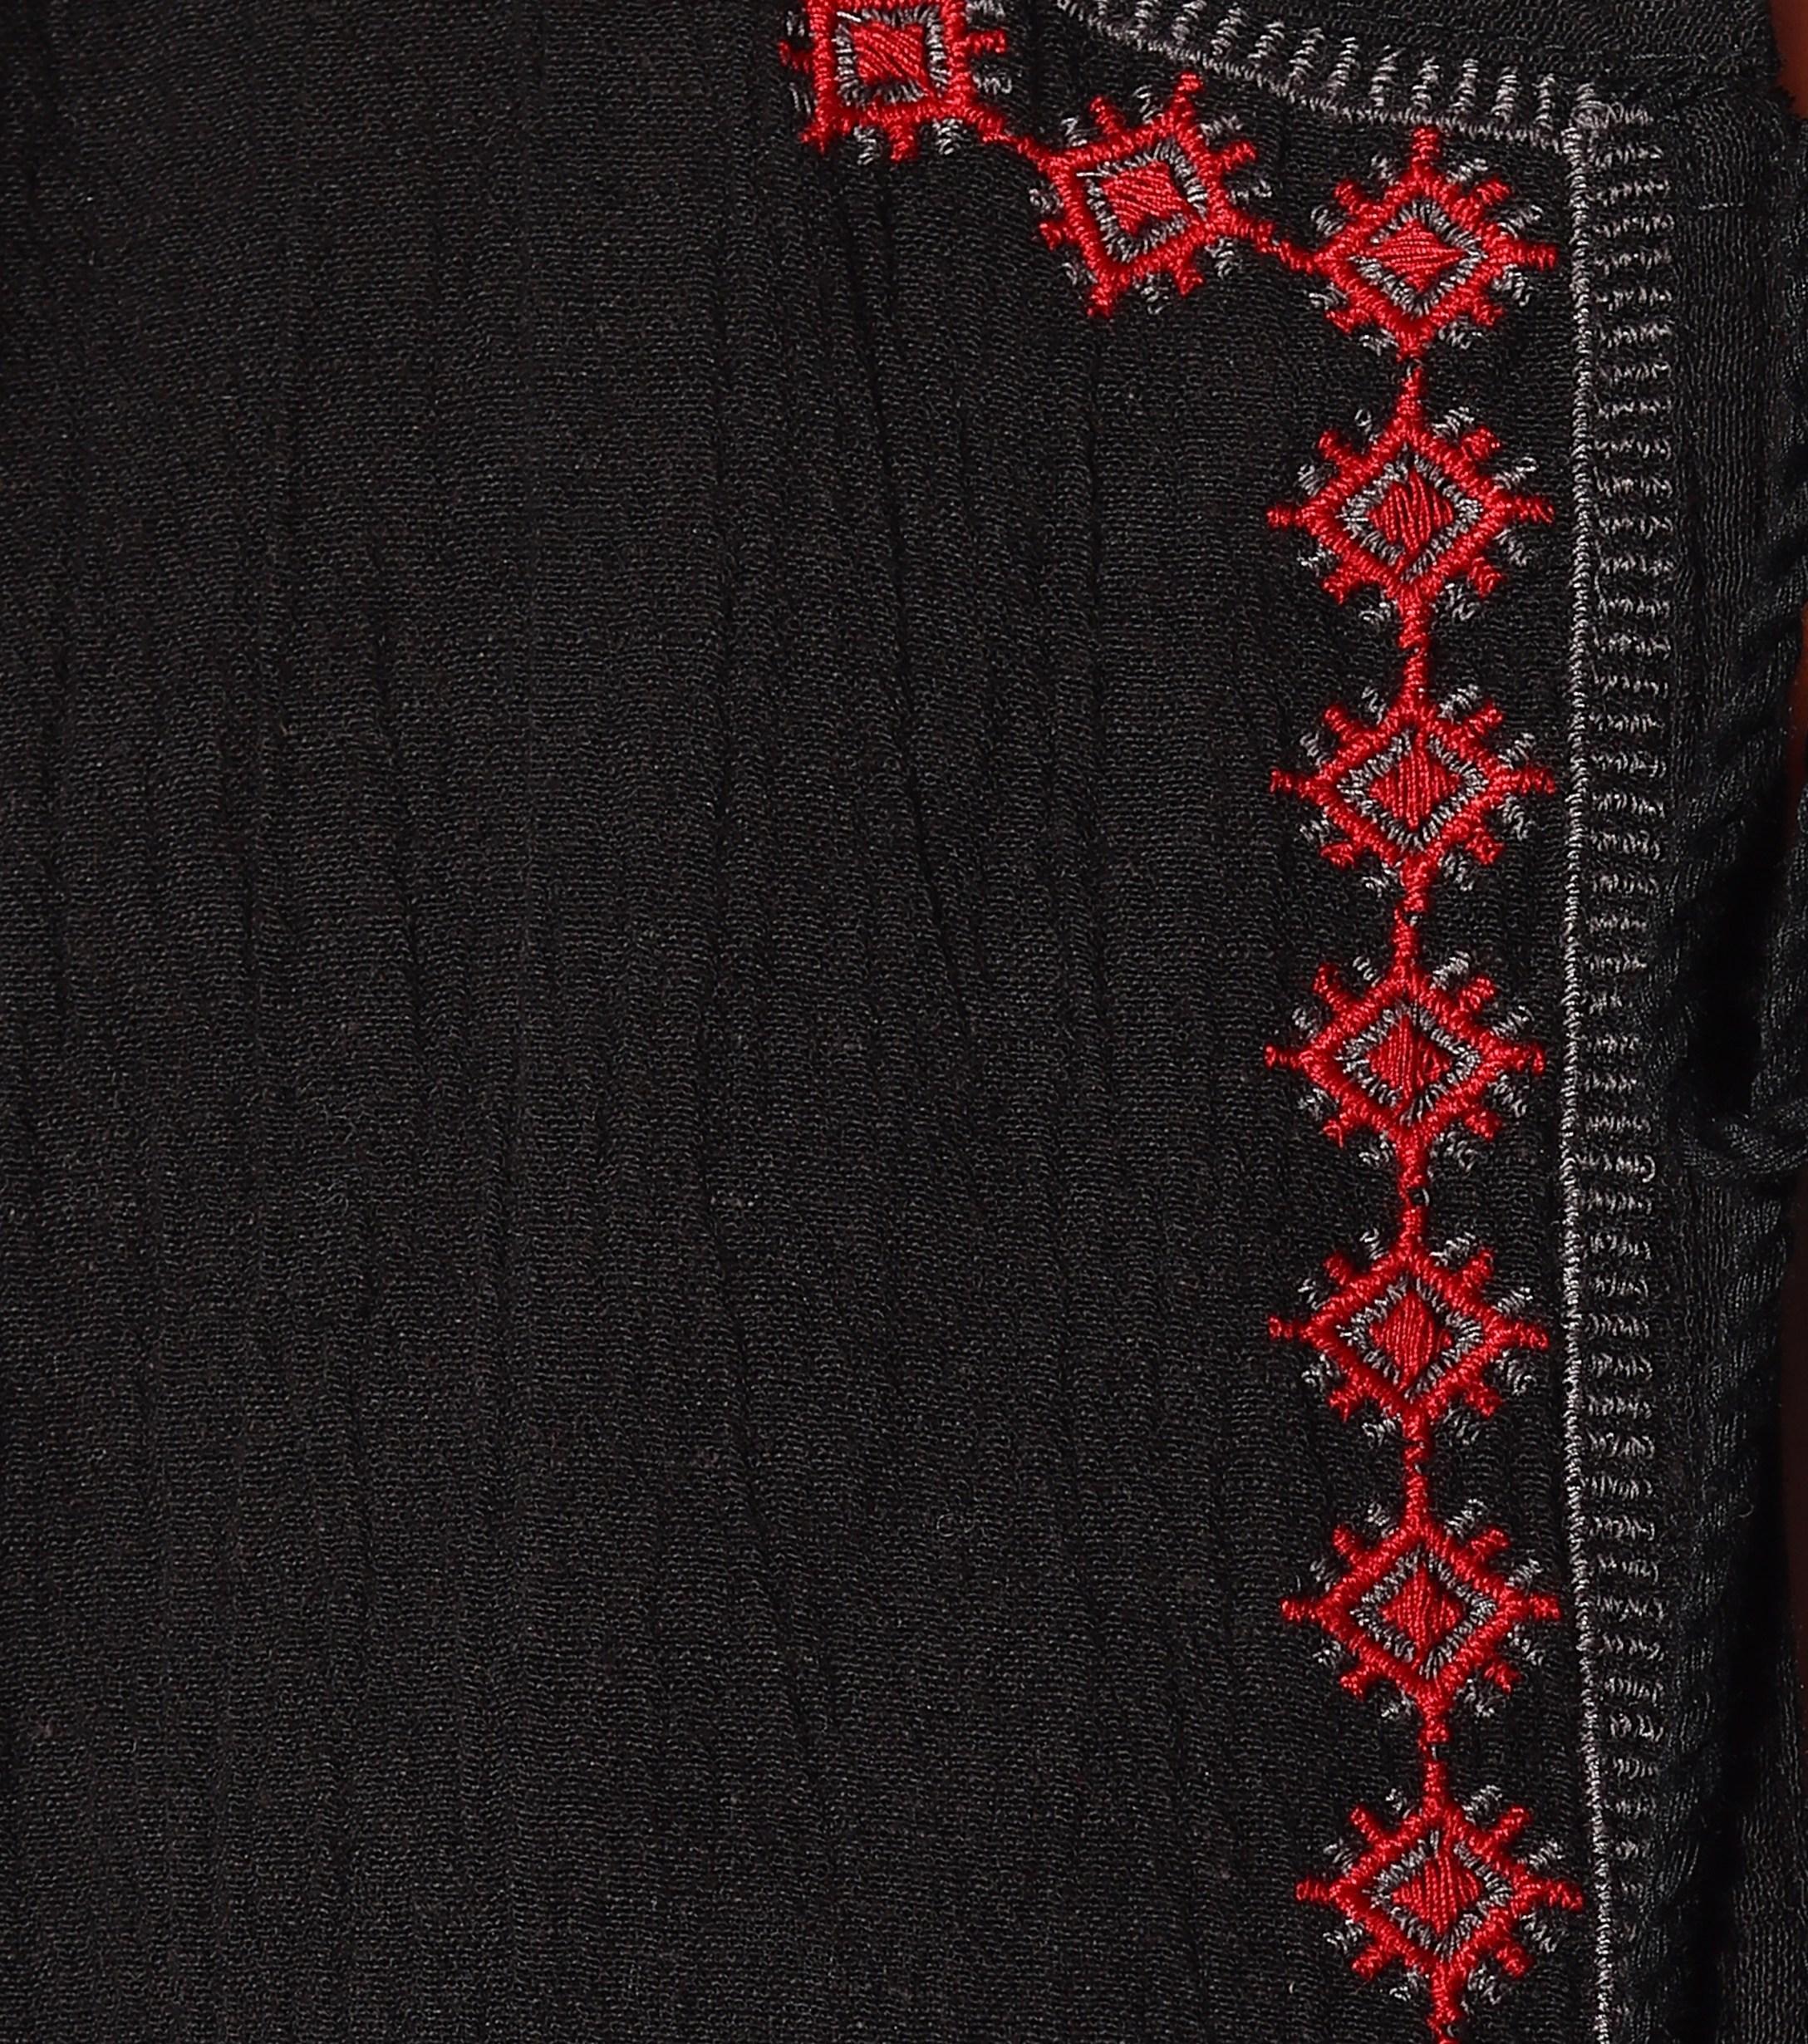 b1b99c005a97c Velvet By Graham   Spencer - Black Etta Embroidered Crinkled Gauze Peasant  Dress - Lyst. View fullscreen